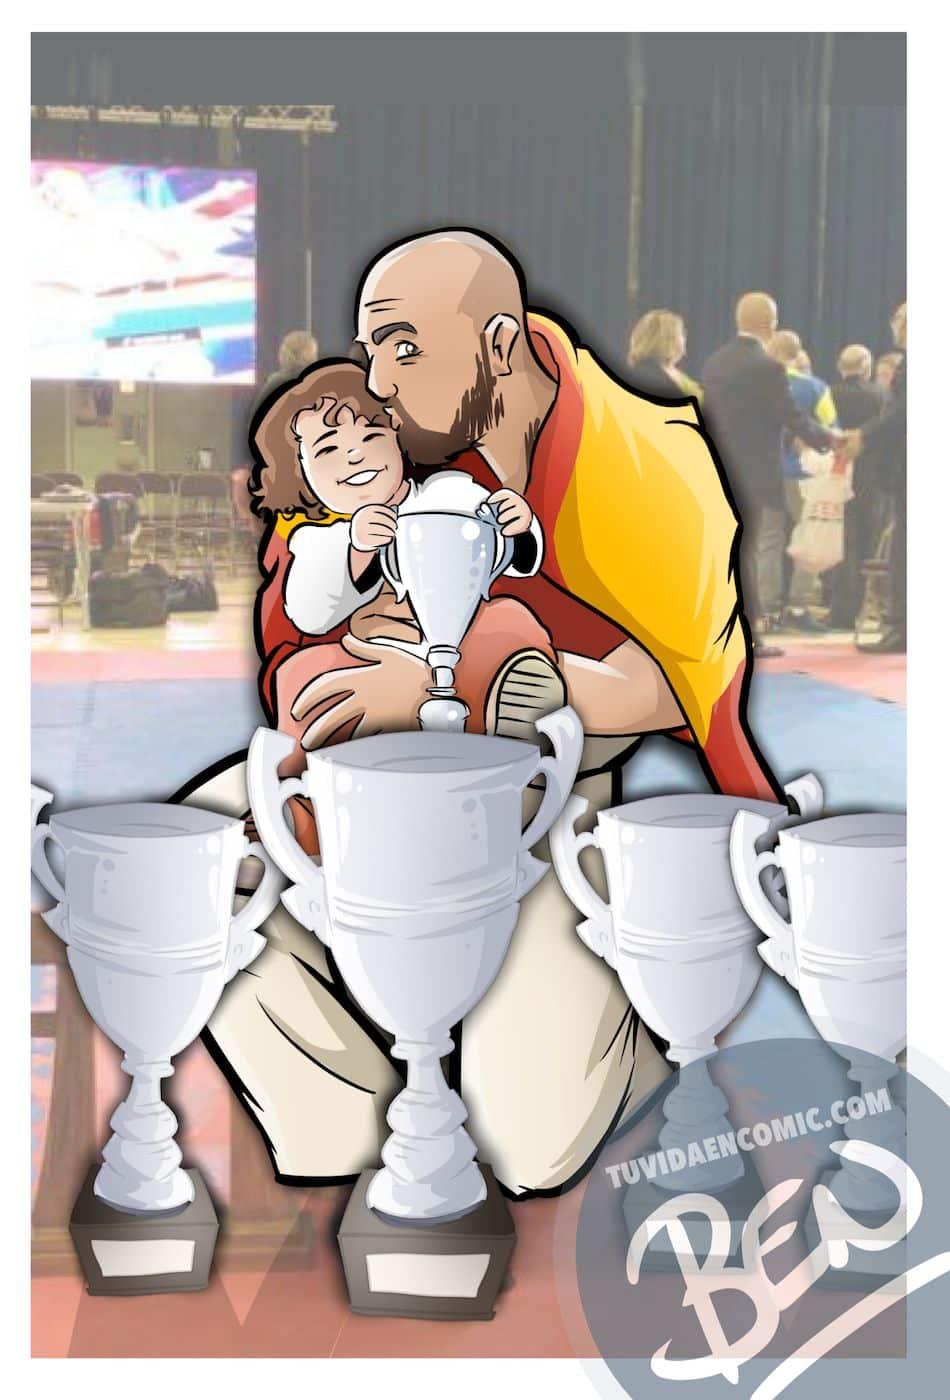 Ilustración personalizada - Inmortalizando momentos épicos - Caricatura Personalizada - tuvidaencomic.com - BEN 3